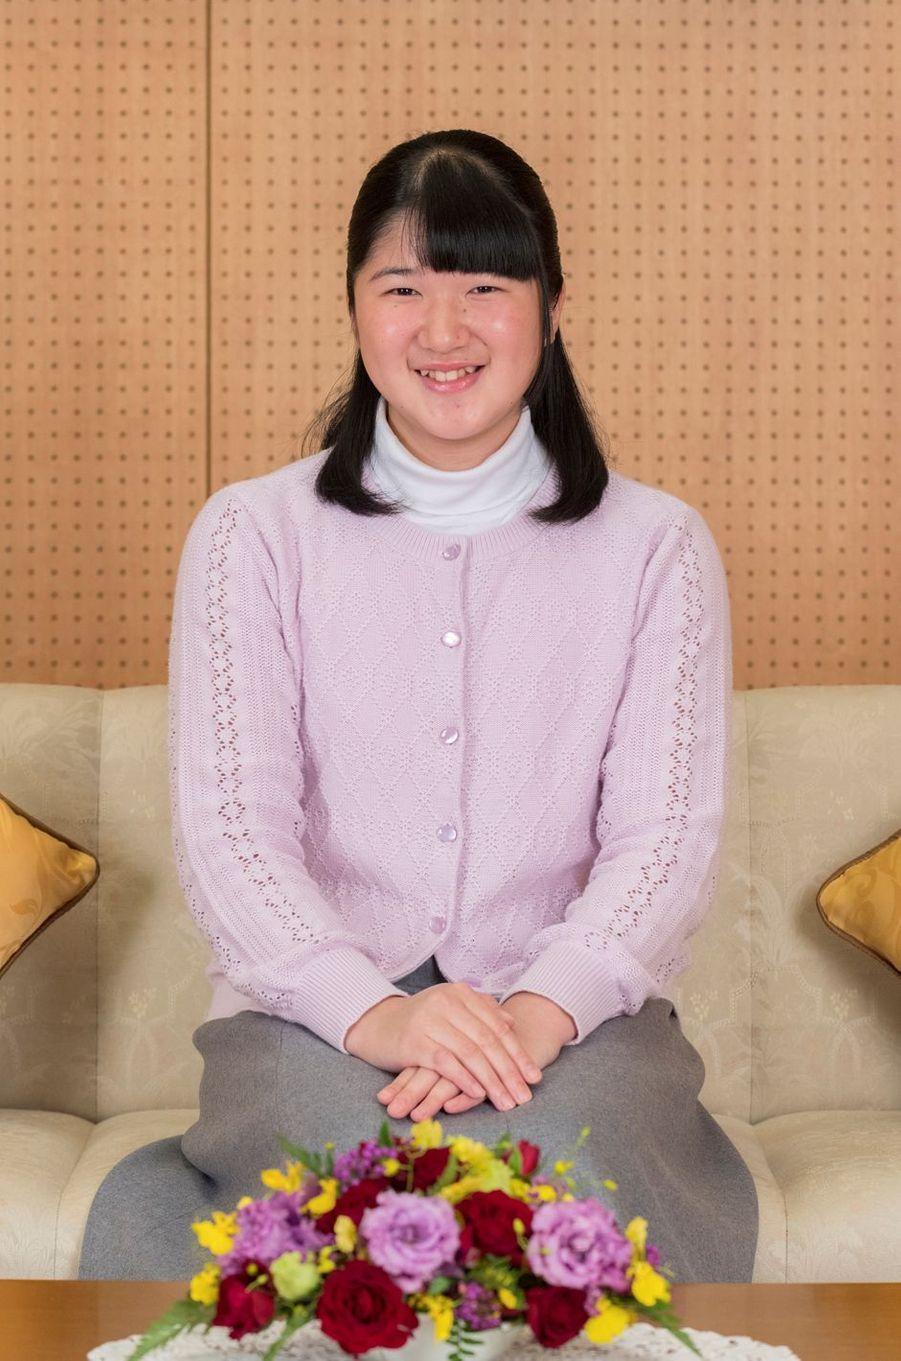 La princesse Aiko du Japon au Palais Togu à Tokyo le 25 novembre 2018. Photo diffusée pour ses 17 ans, le 1er décembre 2018